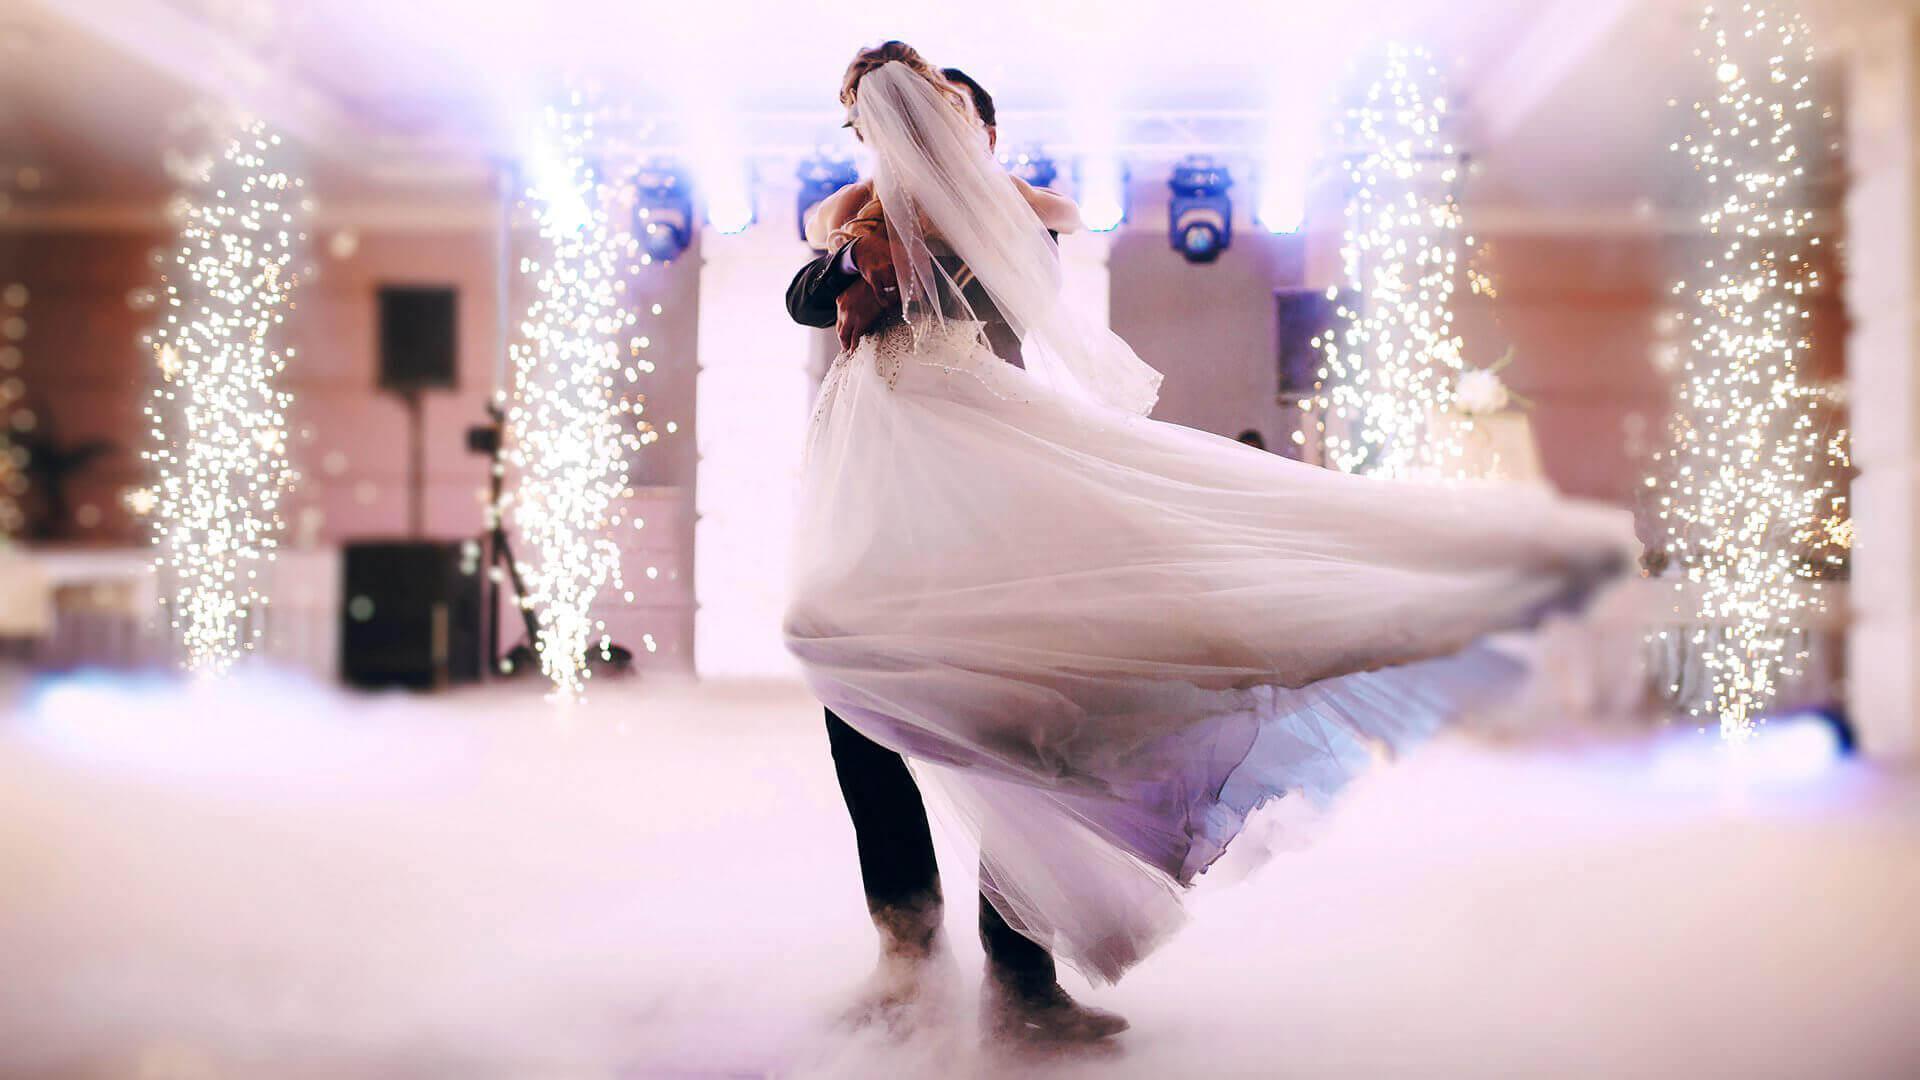 Что нужно для свадьбы, кроме обоюдного согласия жениха и невесты. Подготовка к бракосочетанию. Список необходимых дел и вещей